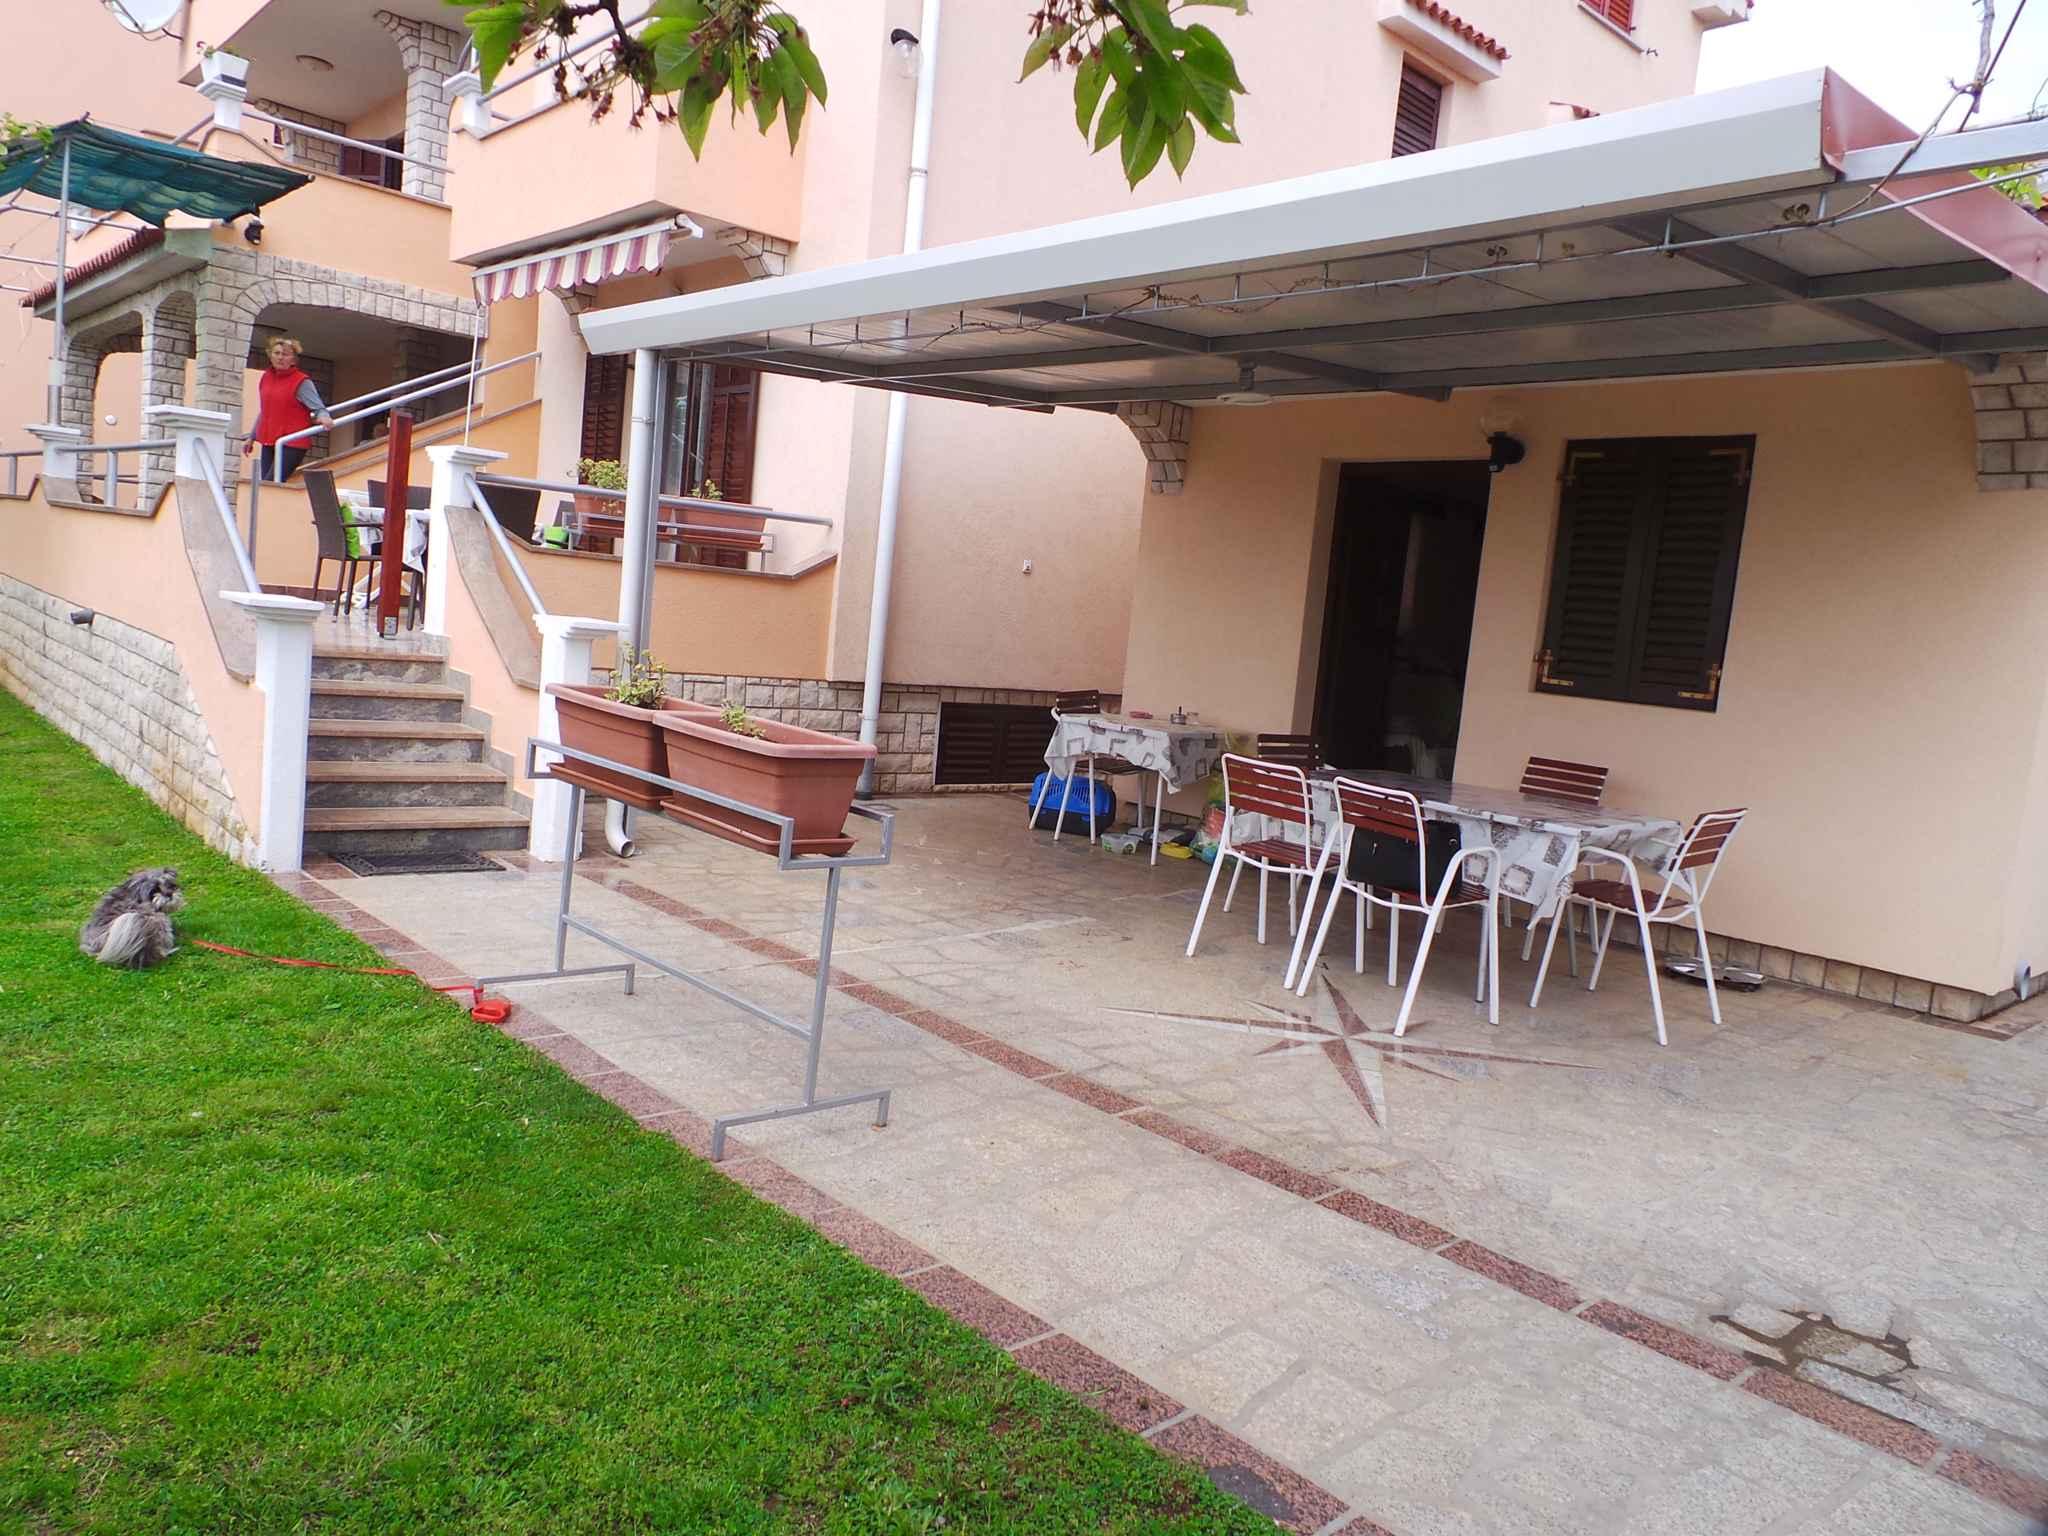 Ferienwohnung mit Tischtennis im Garten (279780), Fažana, , Istrien, Kroatien, Bild 9